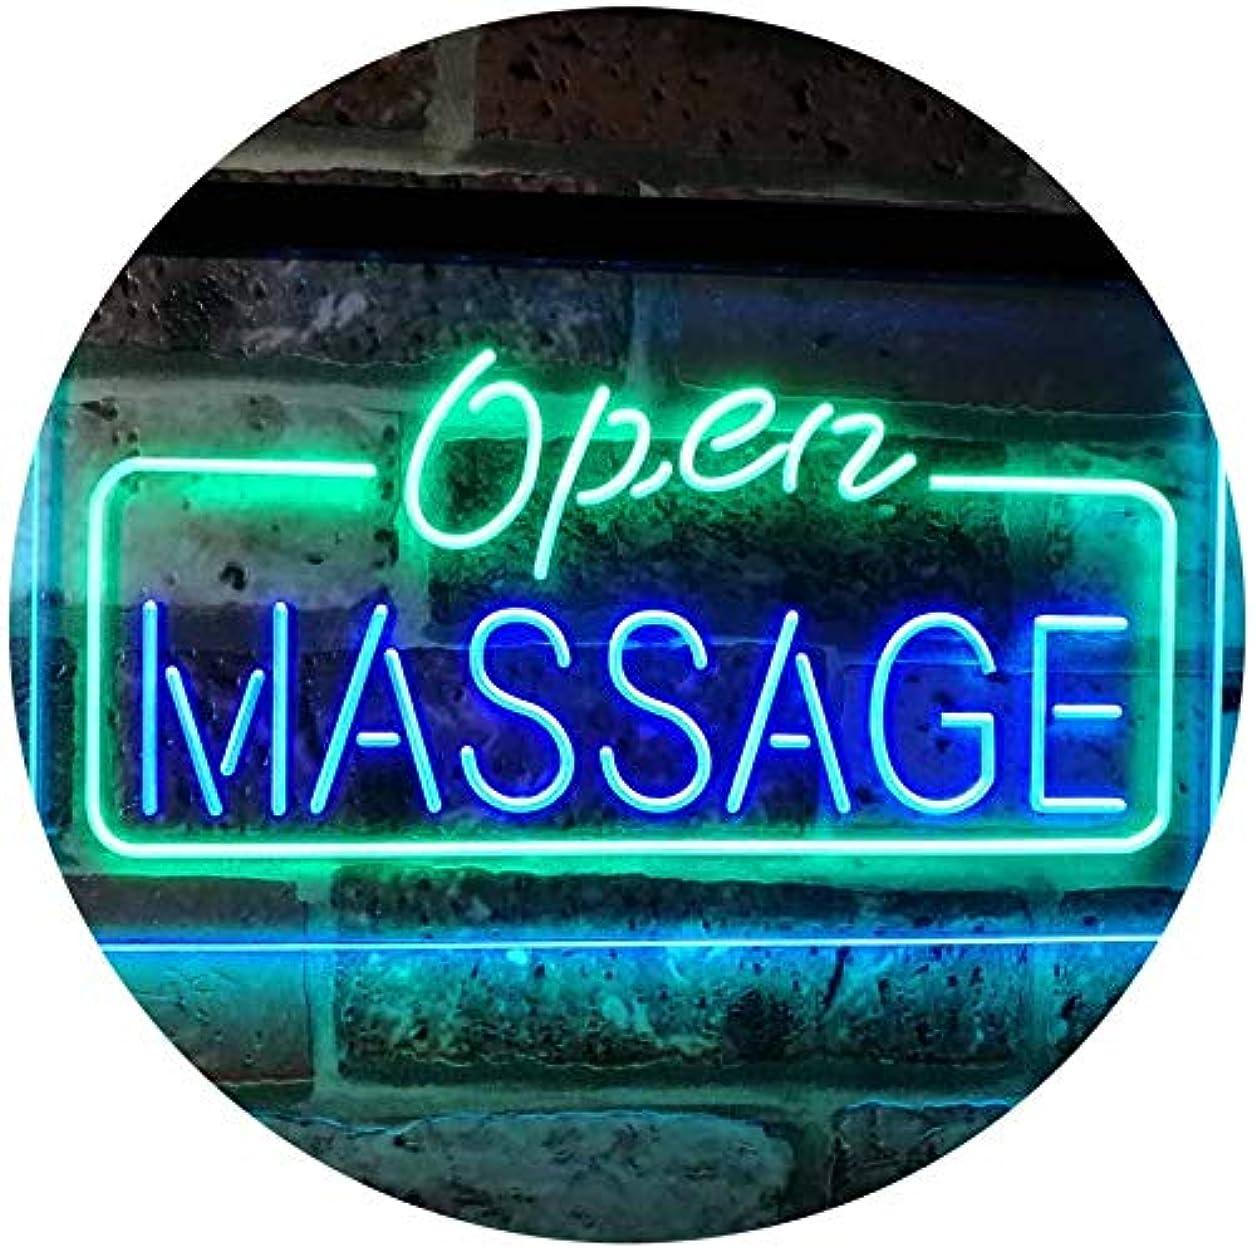 人質繊維吐き出すMassage Therapy Open Walk-In-Welcome Display Body Care LED看板 ネオンプレート サイン 標識 Green & Blue 400mm x 300mm st6s43-...